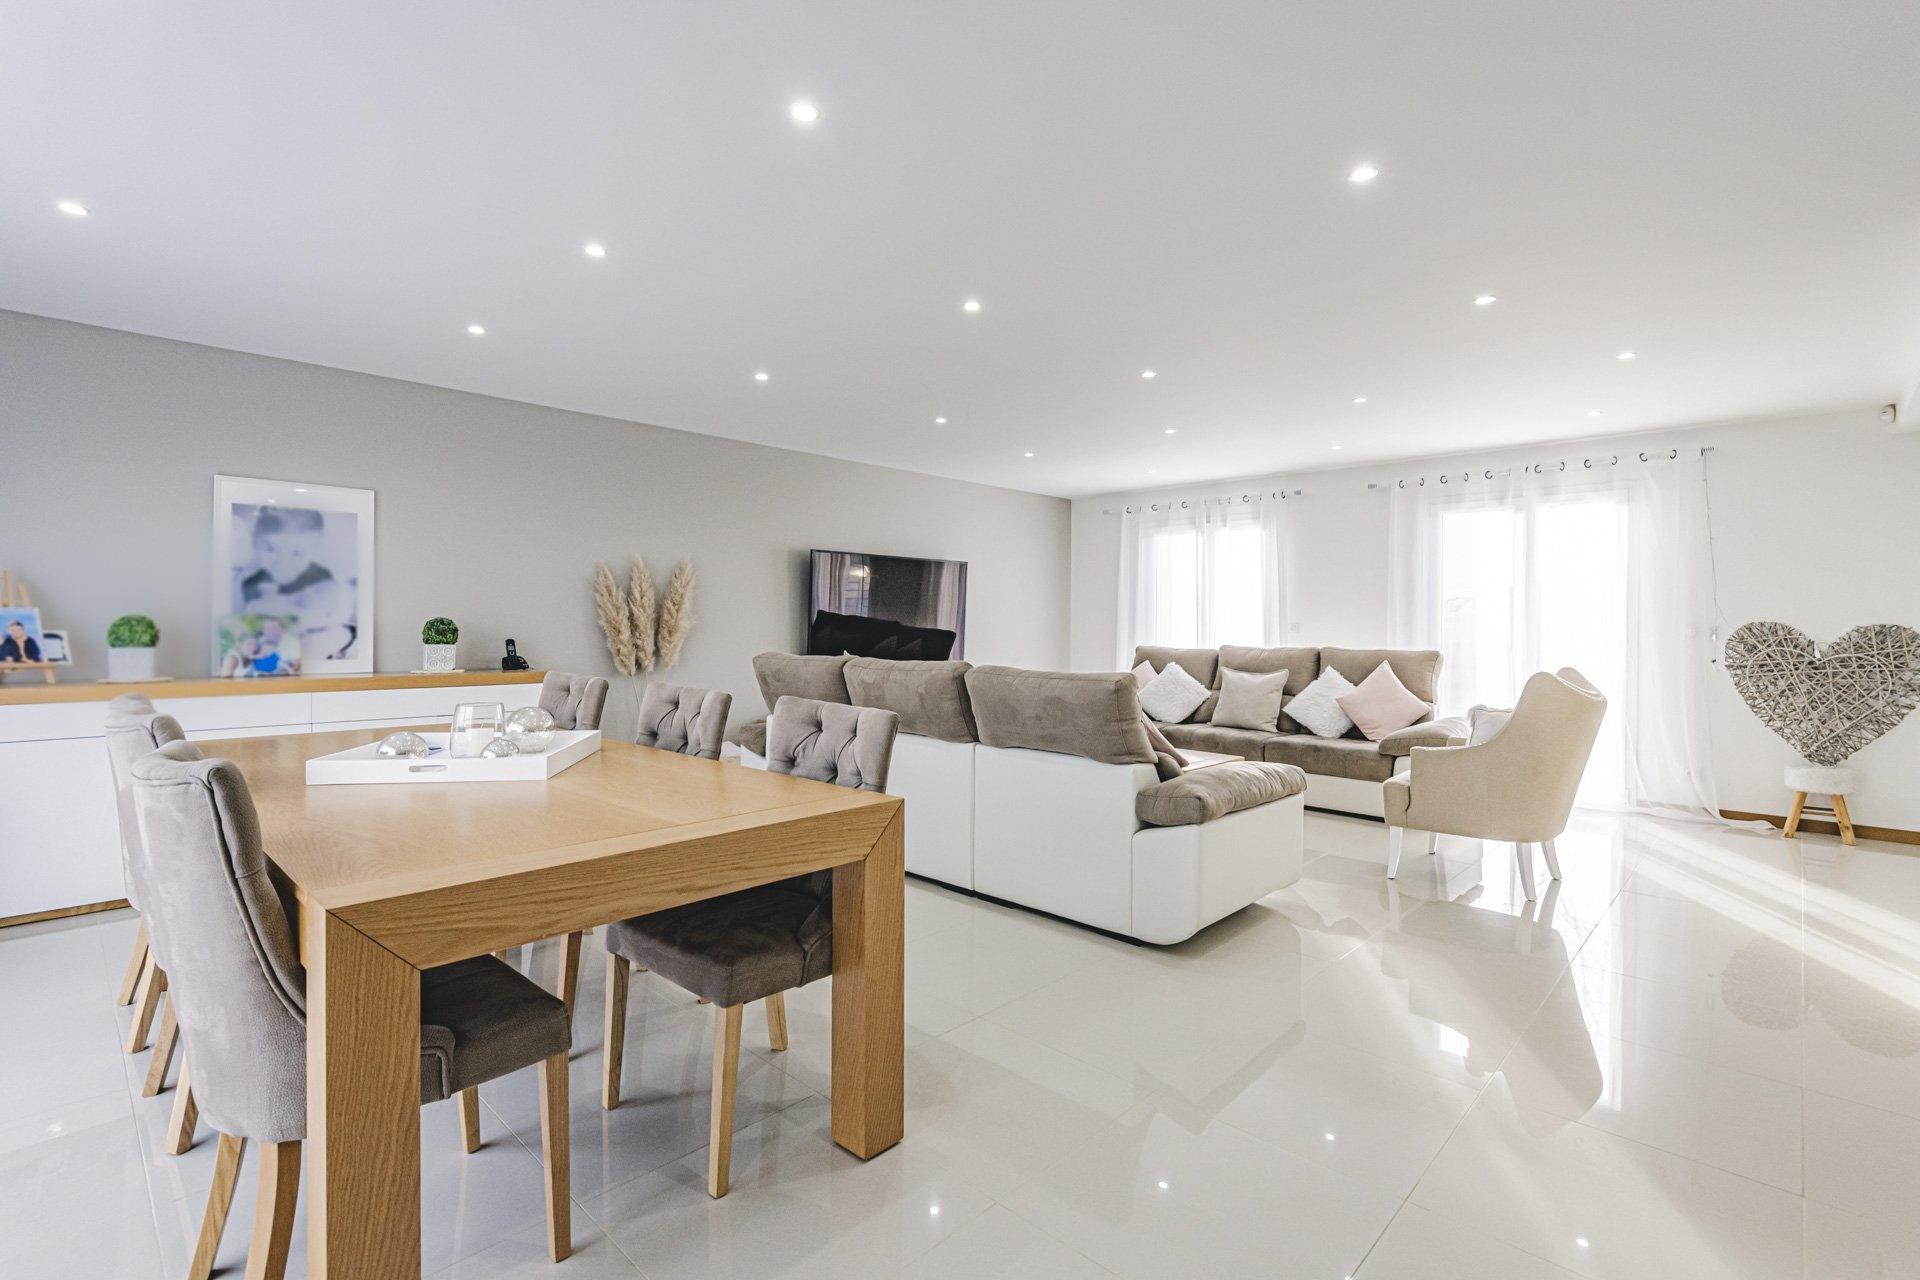 Maison Champigny 6 Pièces 160 m2 - 7